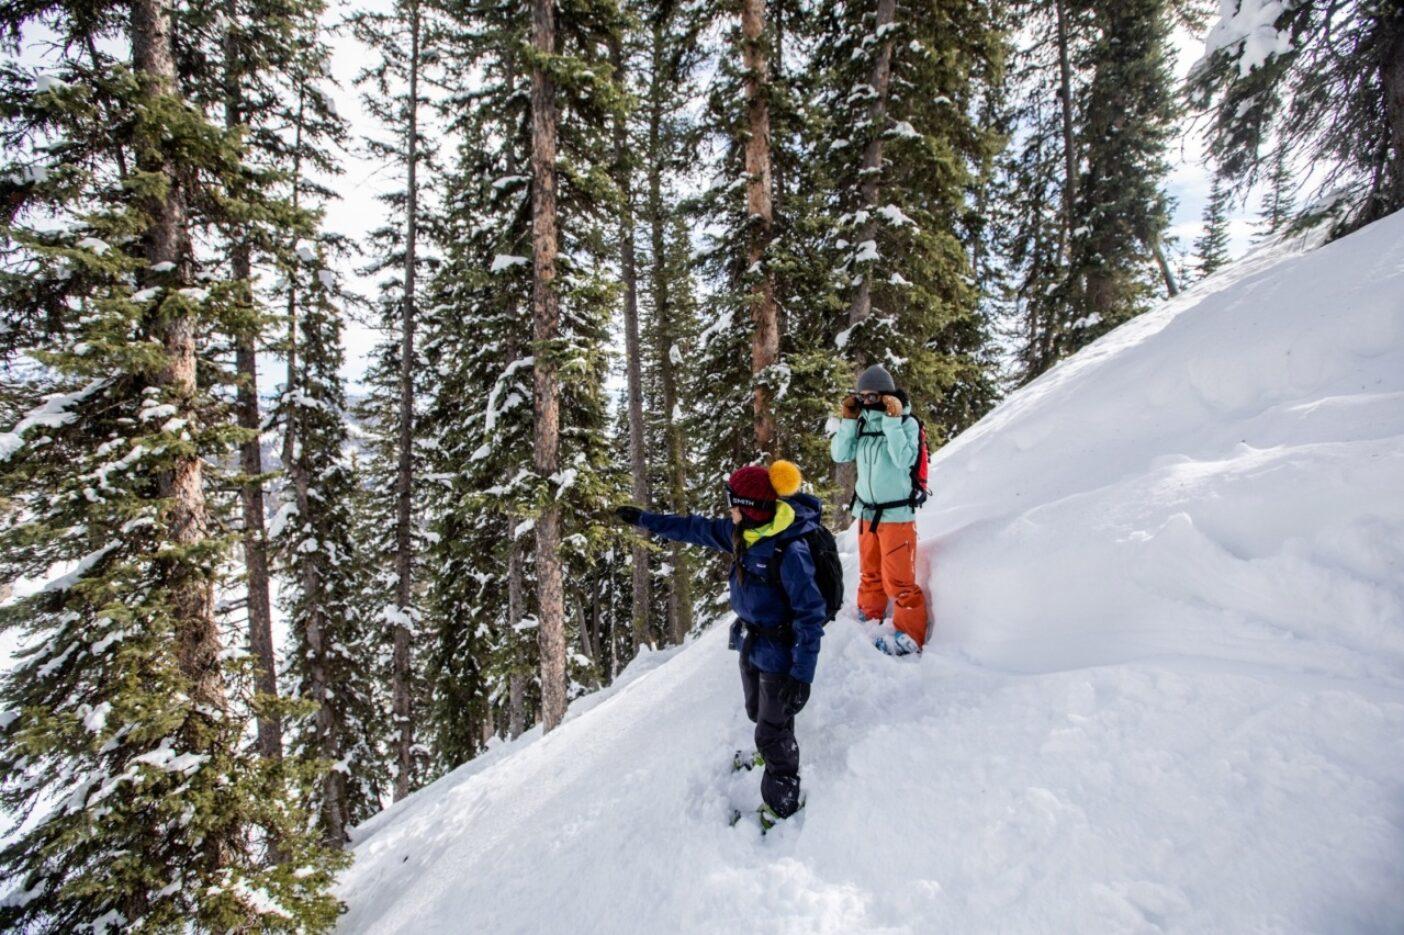 エミーレ・ズィノビアに隠れたラインを示しながらジャンプを指示するシーナ・ダムサニア。ワイオミング州にて。写真:ソフィア・ジャラミロ